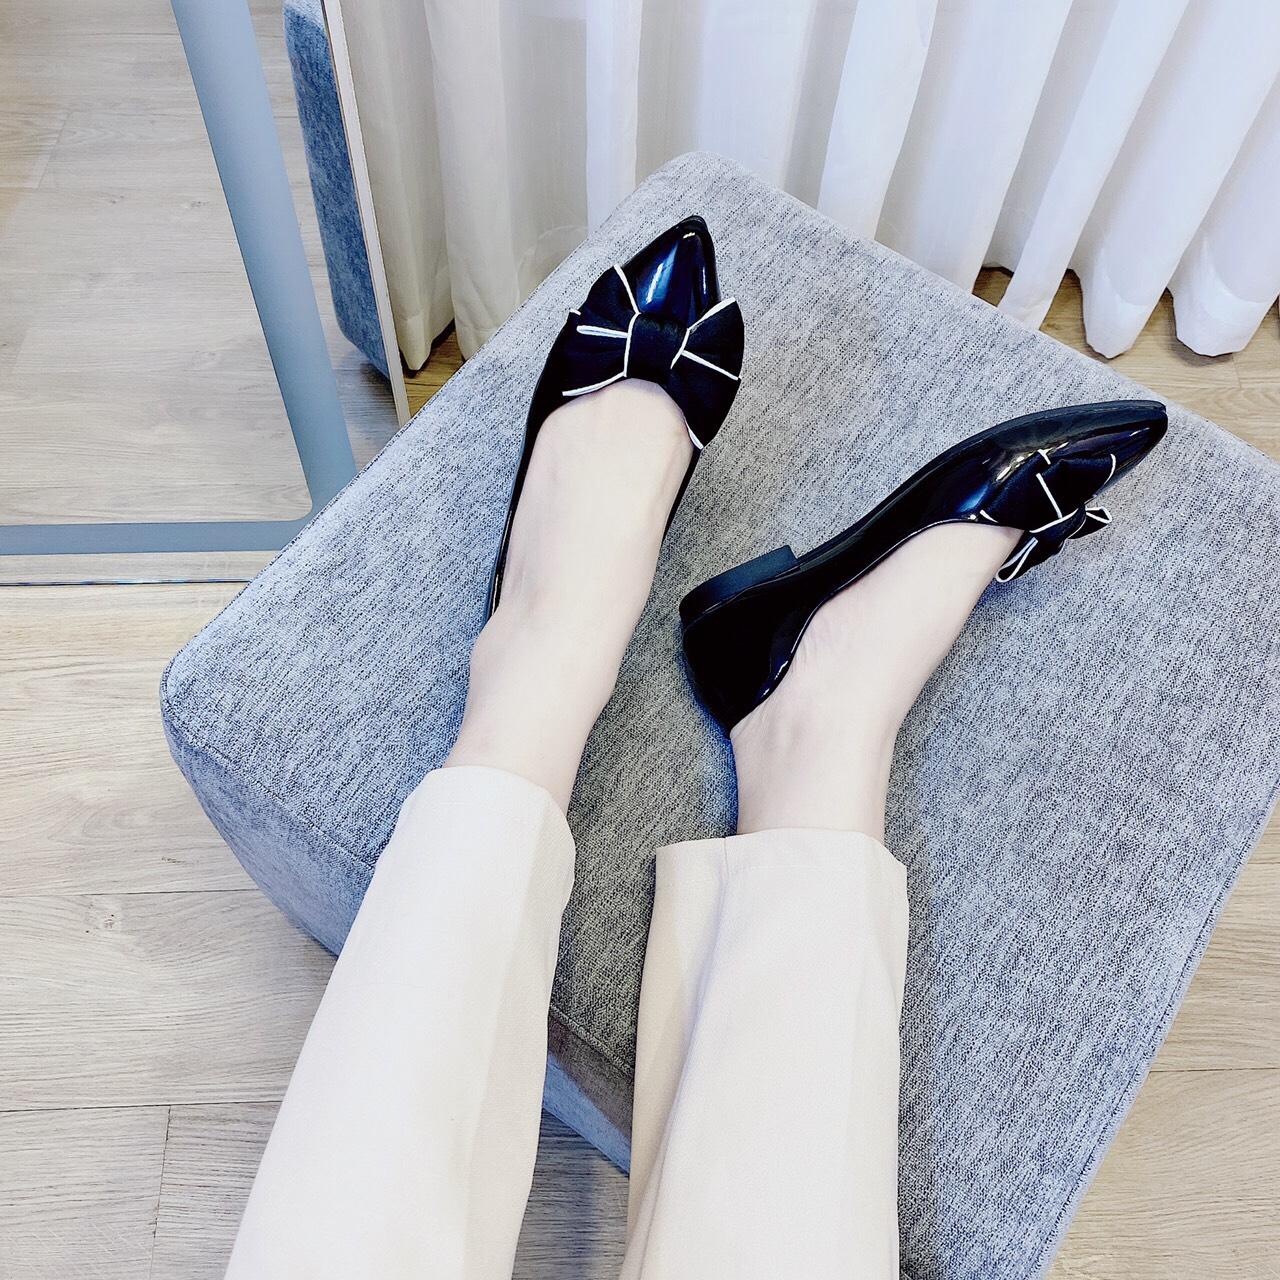 Giày bệt búp bê nữ mũi nhọn đính nơ xinh xắn da mềm êm chân - B20